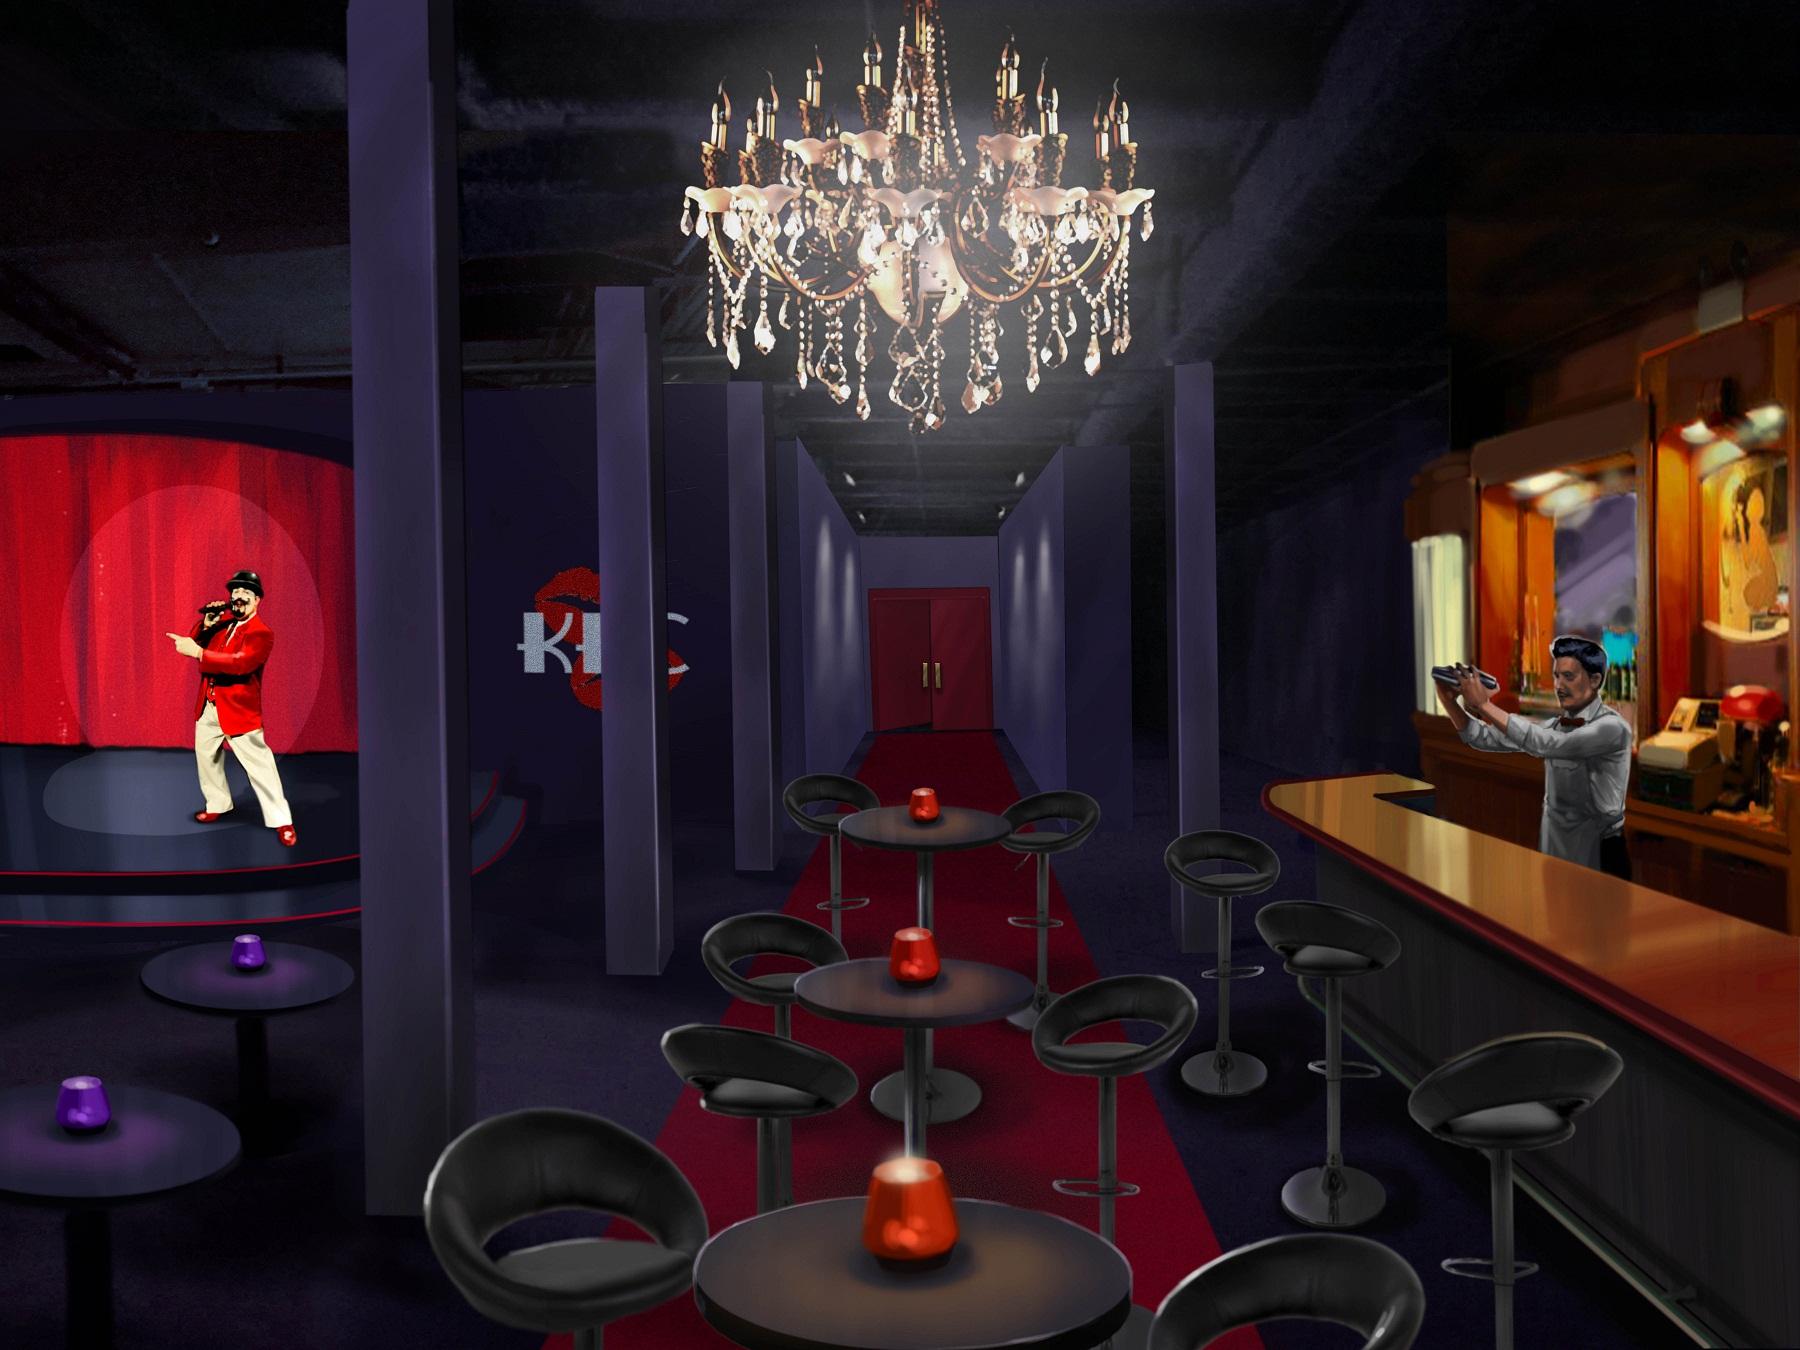 KKC_Grand_Promenade_rendering